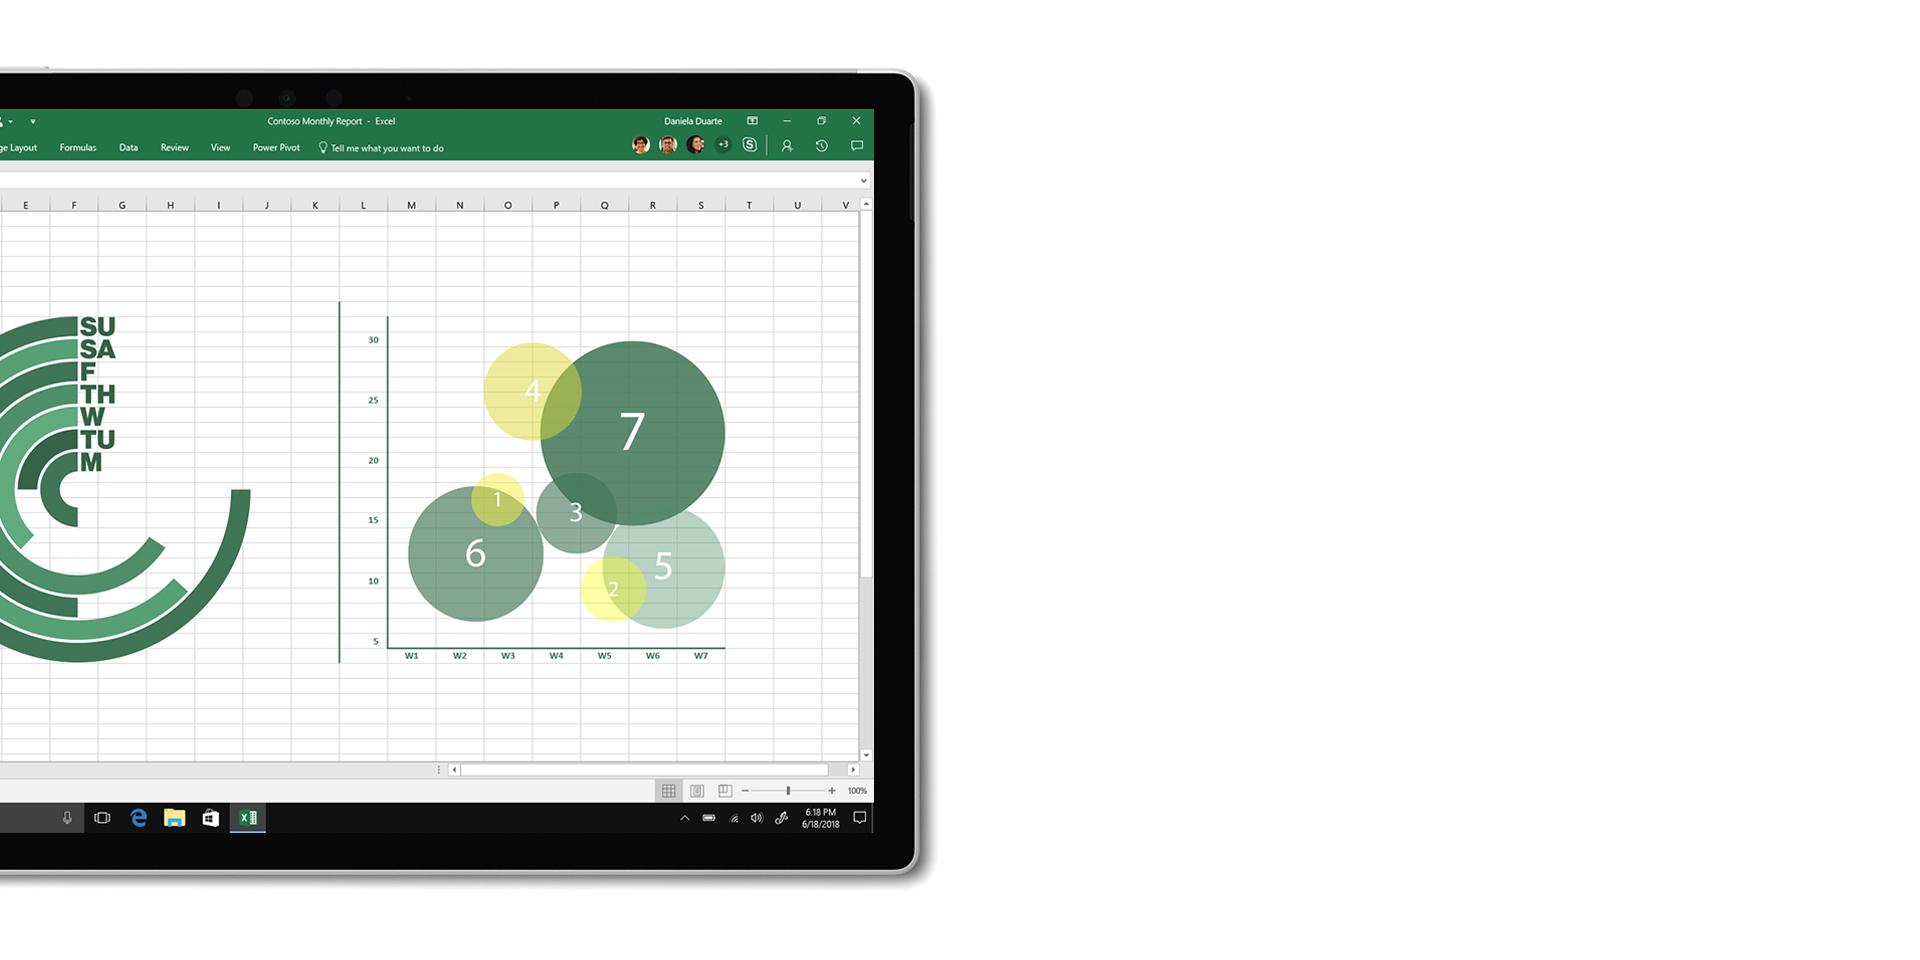 Excel-App wird auf dem von der Tastatur abgetrennten Bildschirm eines Surface Book2 angezeigt.